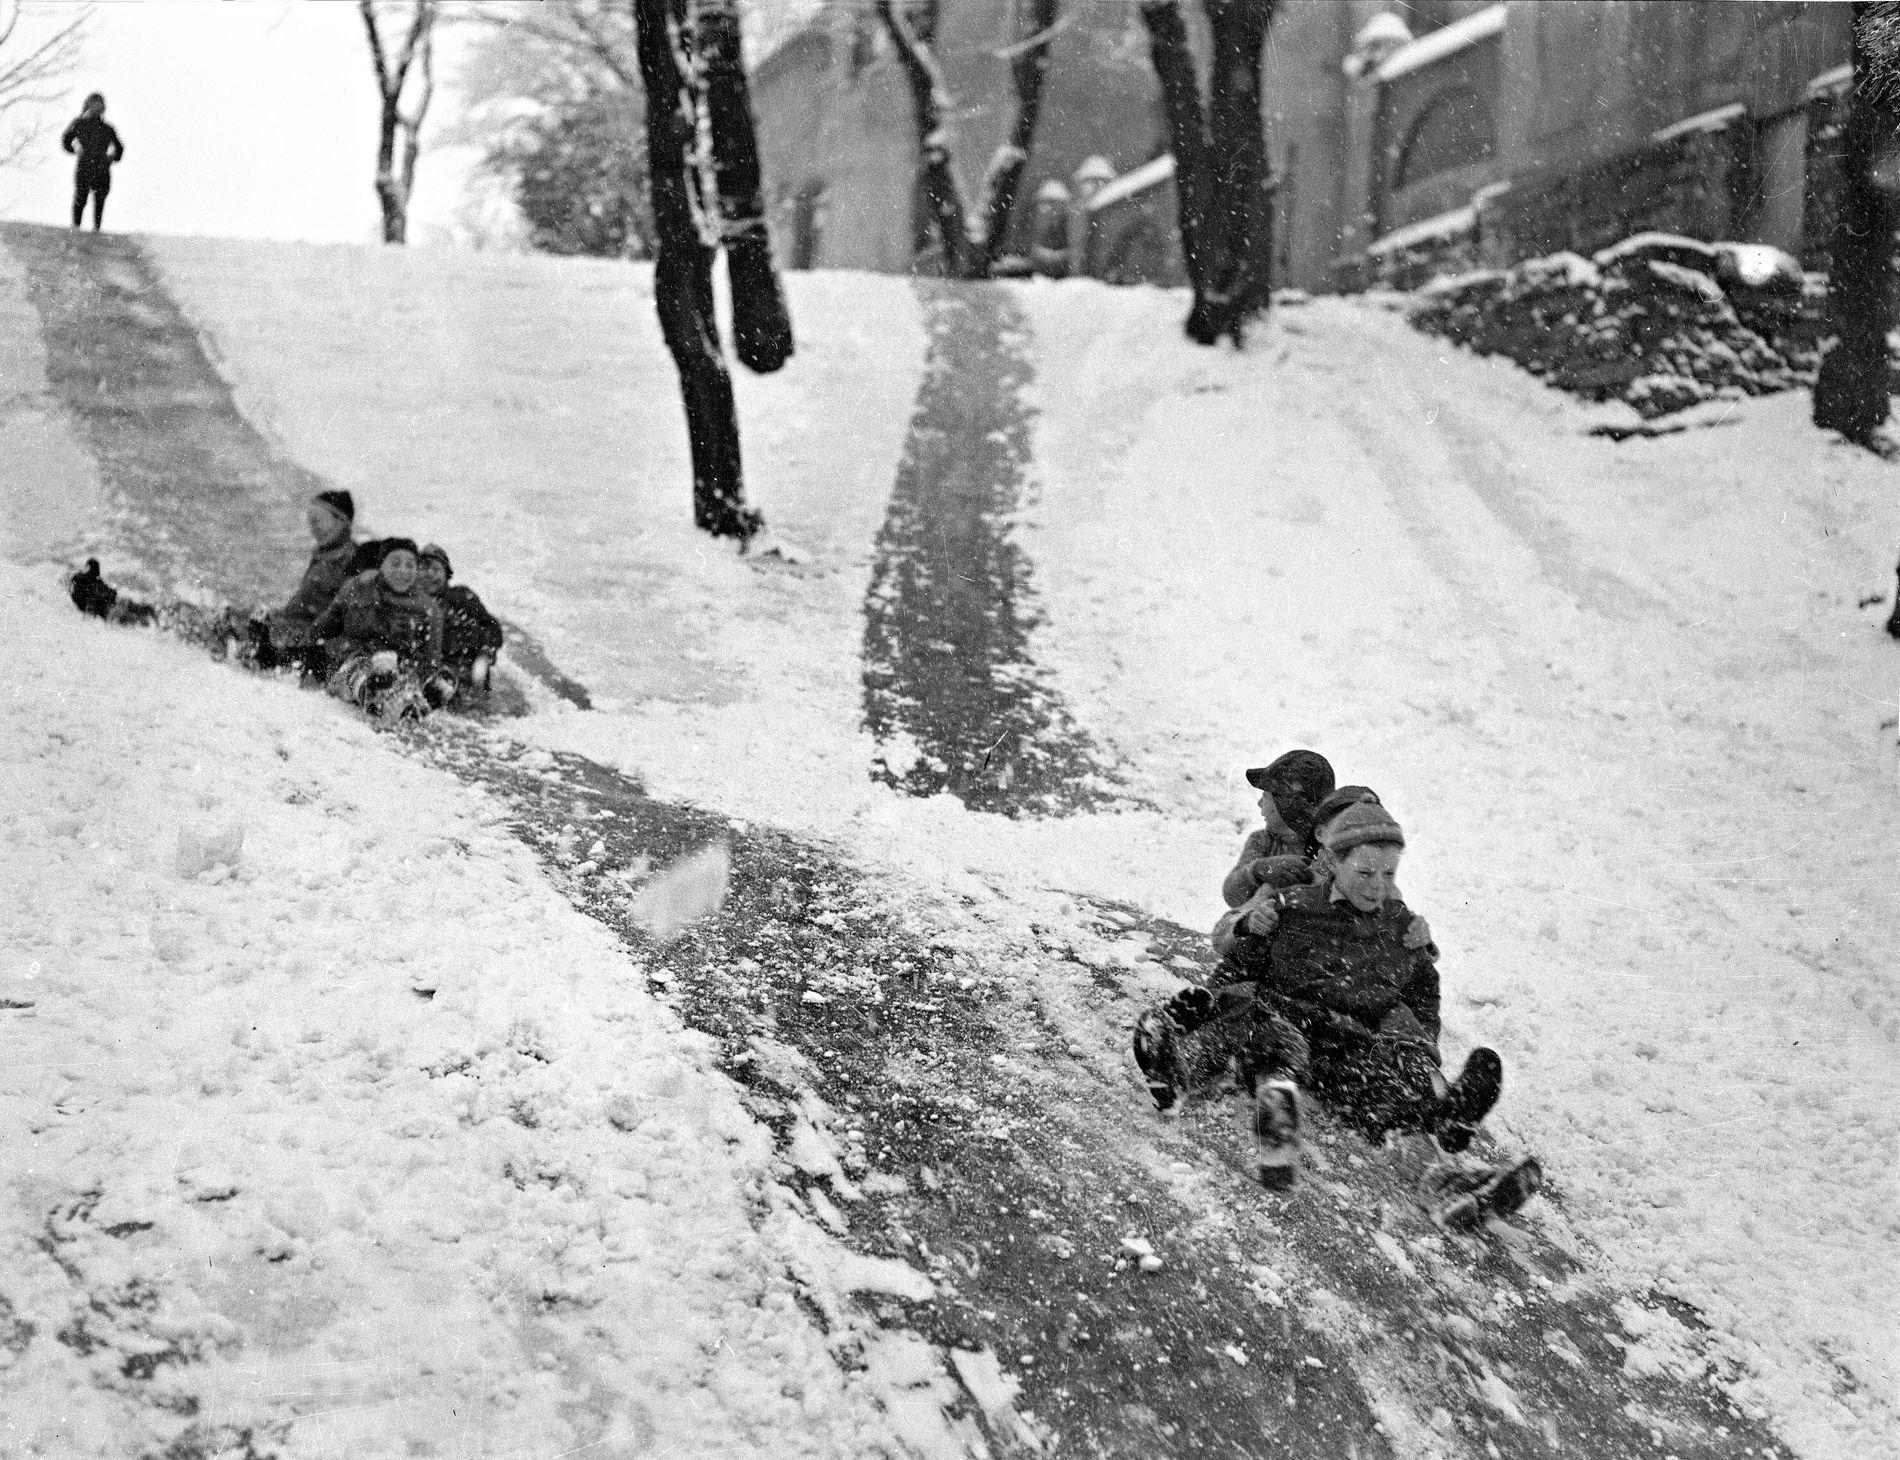 PÅ NORDNES: Det akes friskt i Nordnesparken i januar 1951.